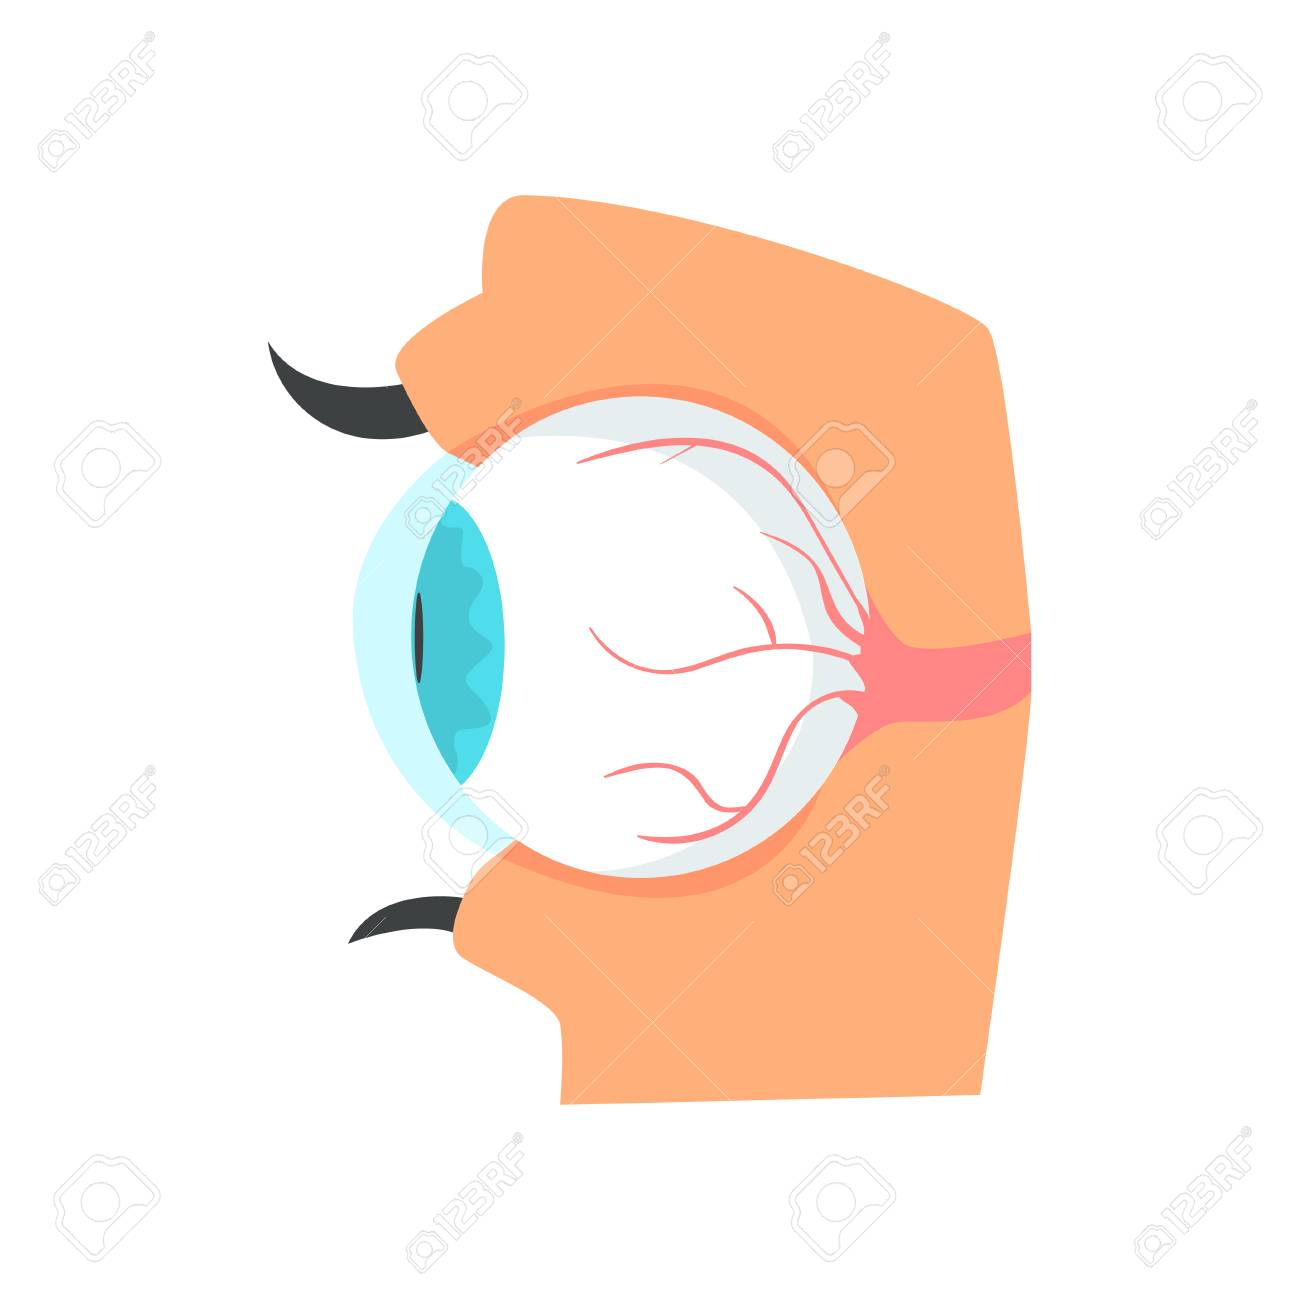 Globo Ocular, Anatomía Del Ojo Humano Vector De Dibujos Animados ...